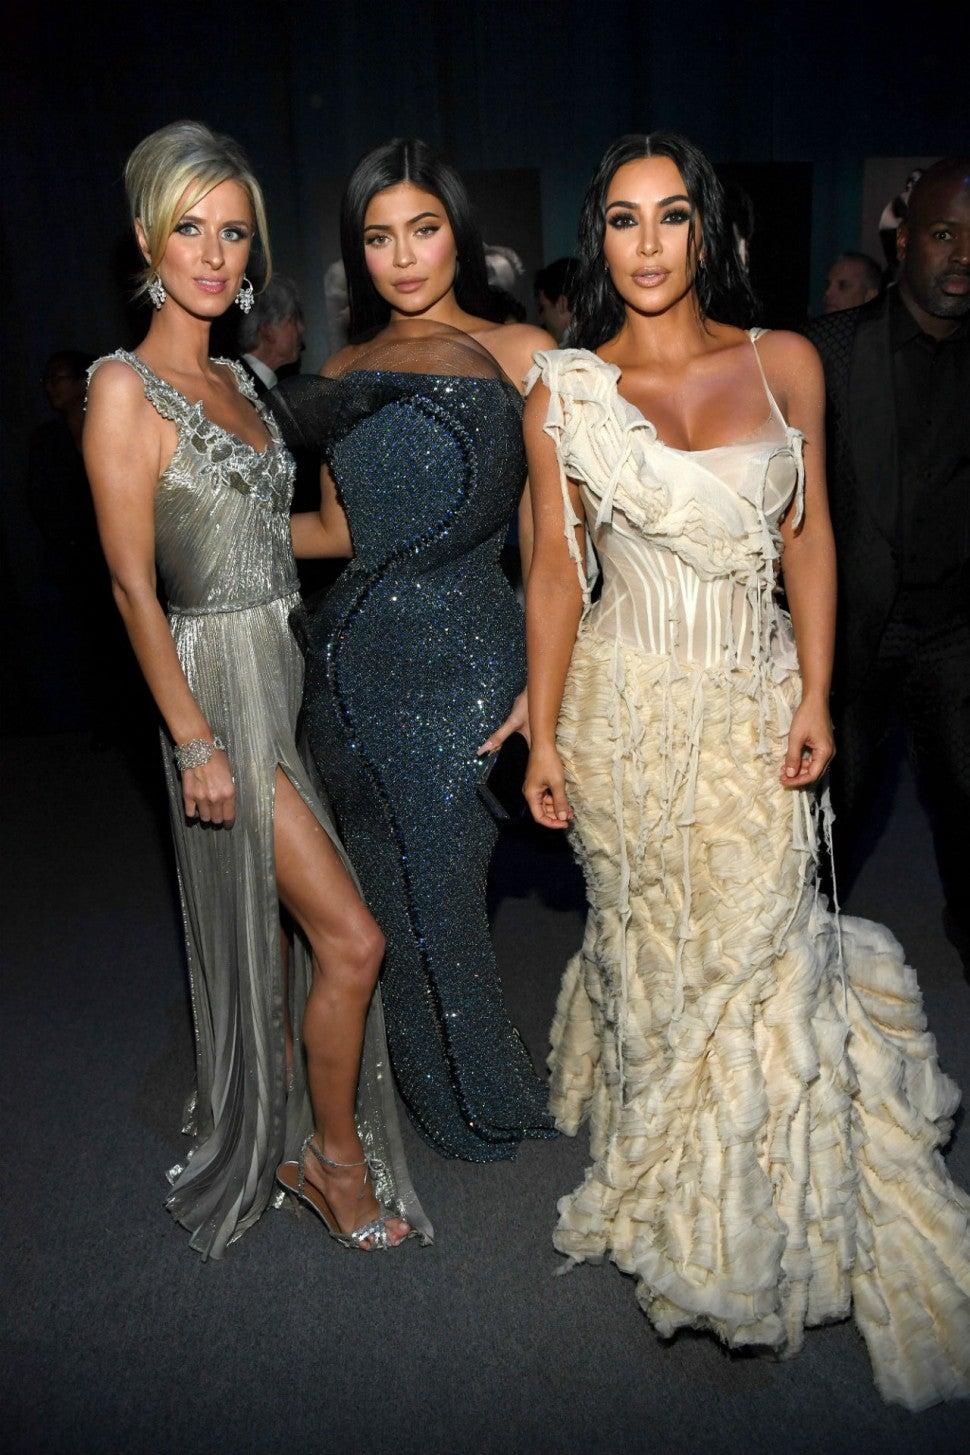 Nicky Hilton, Kylie Jenner, Kim Kardashian